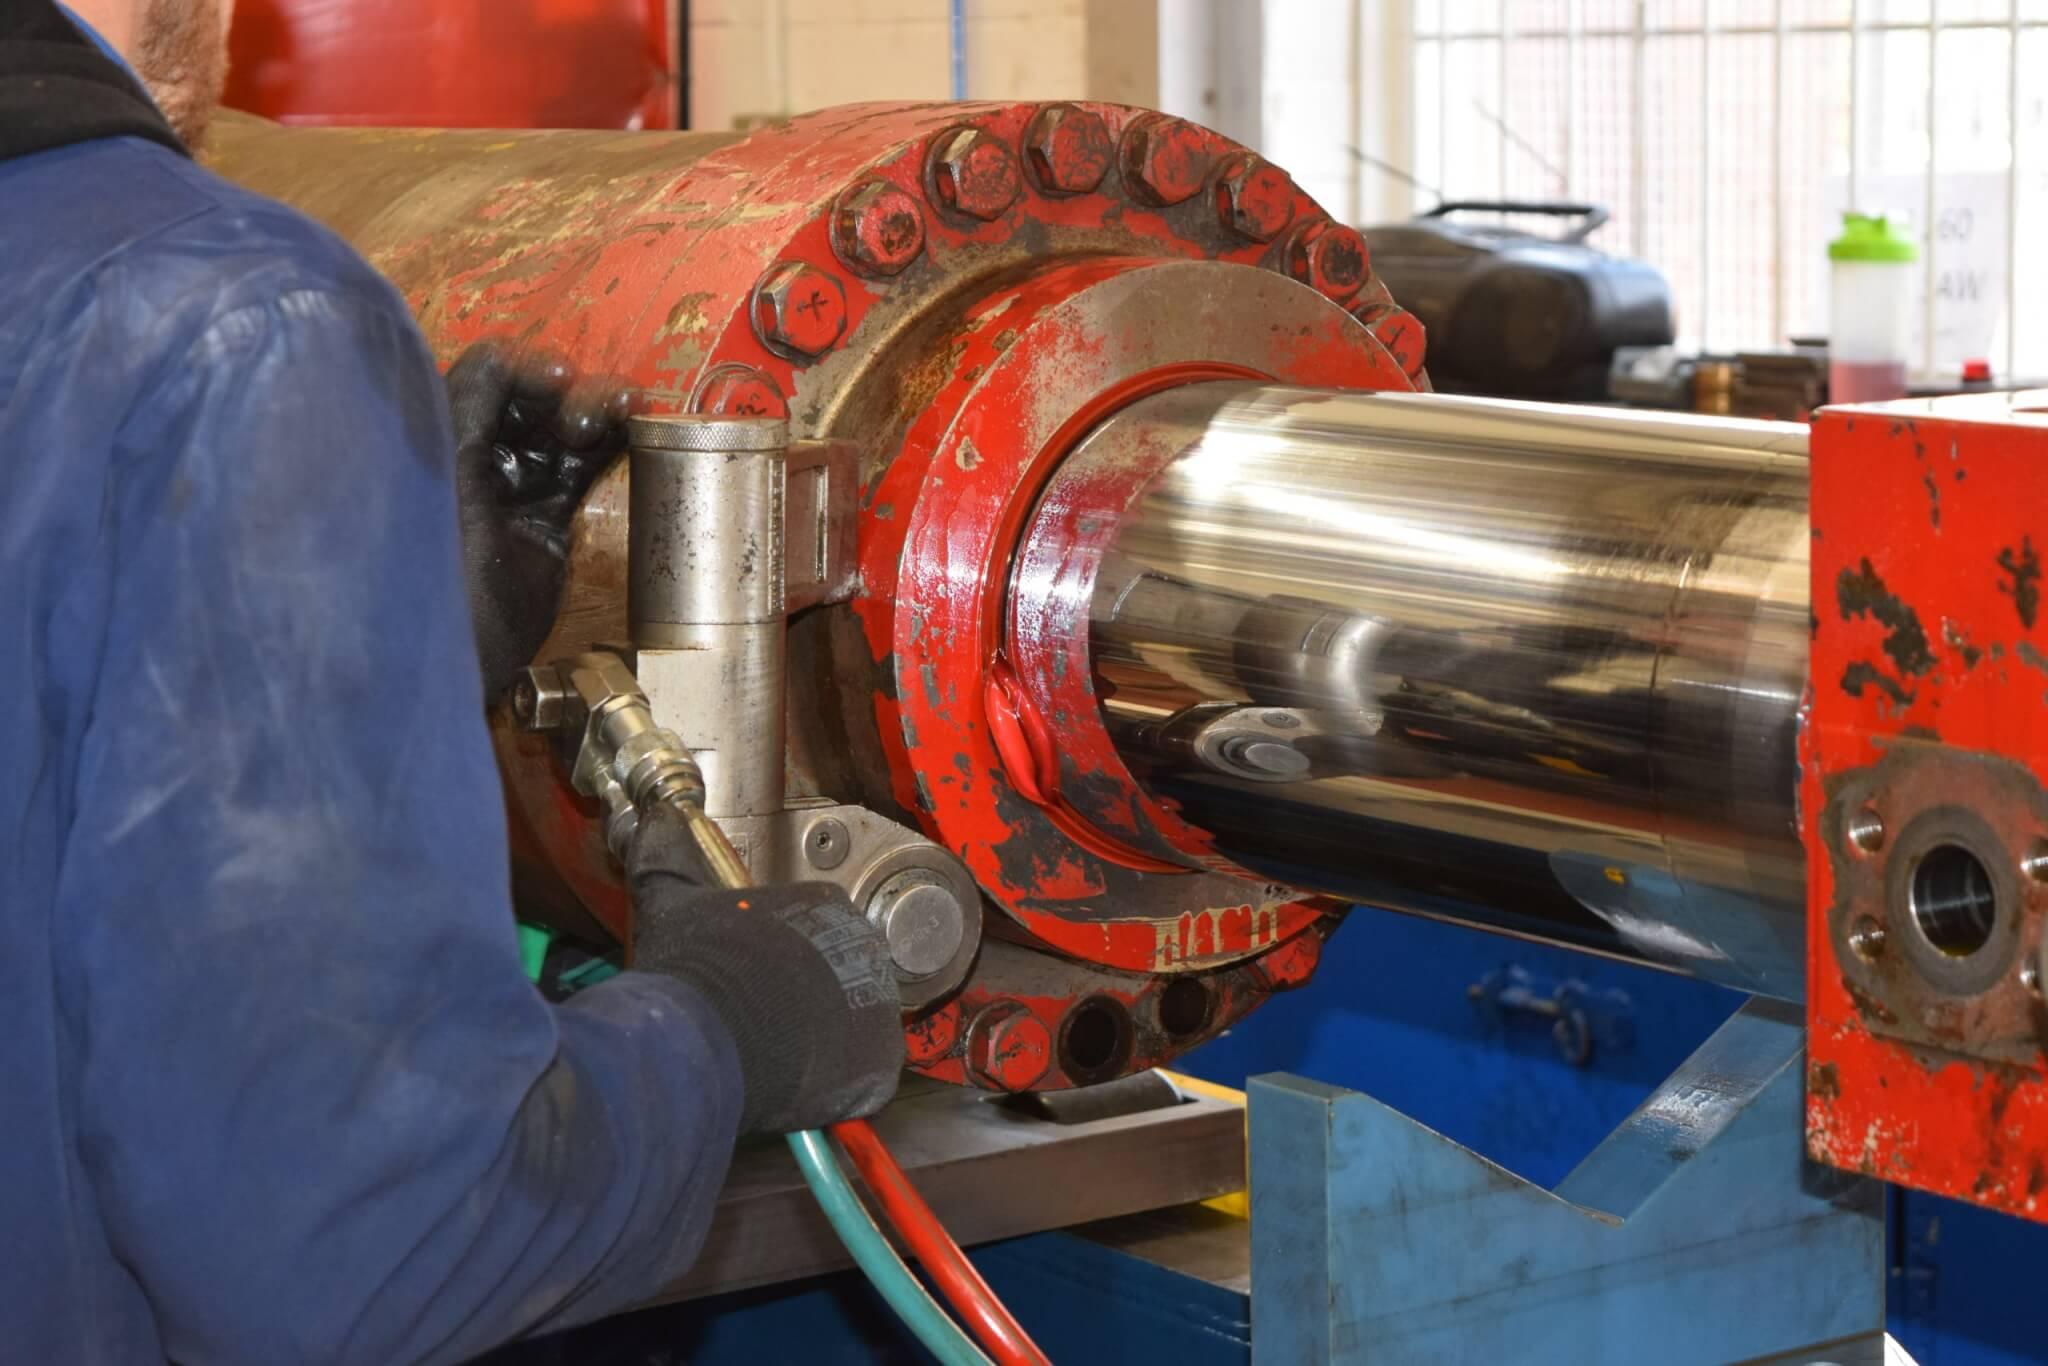 Dismantling a hydraulic shear